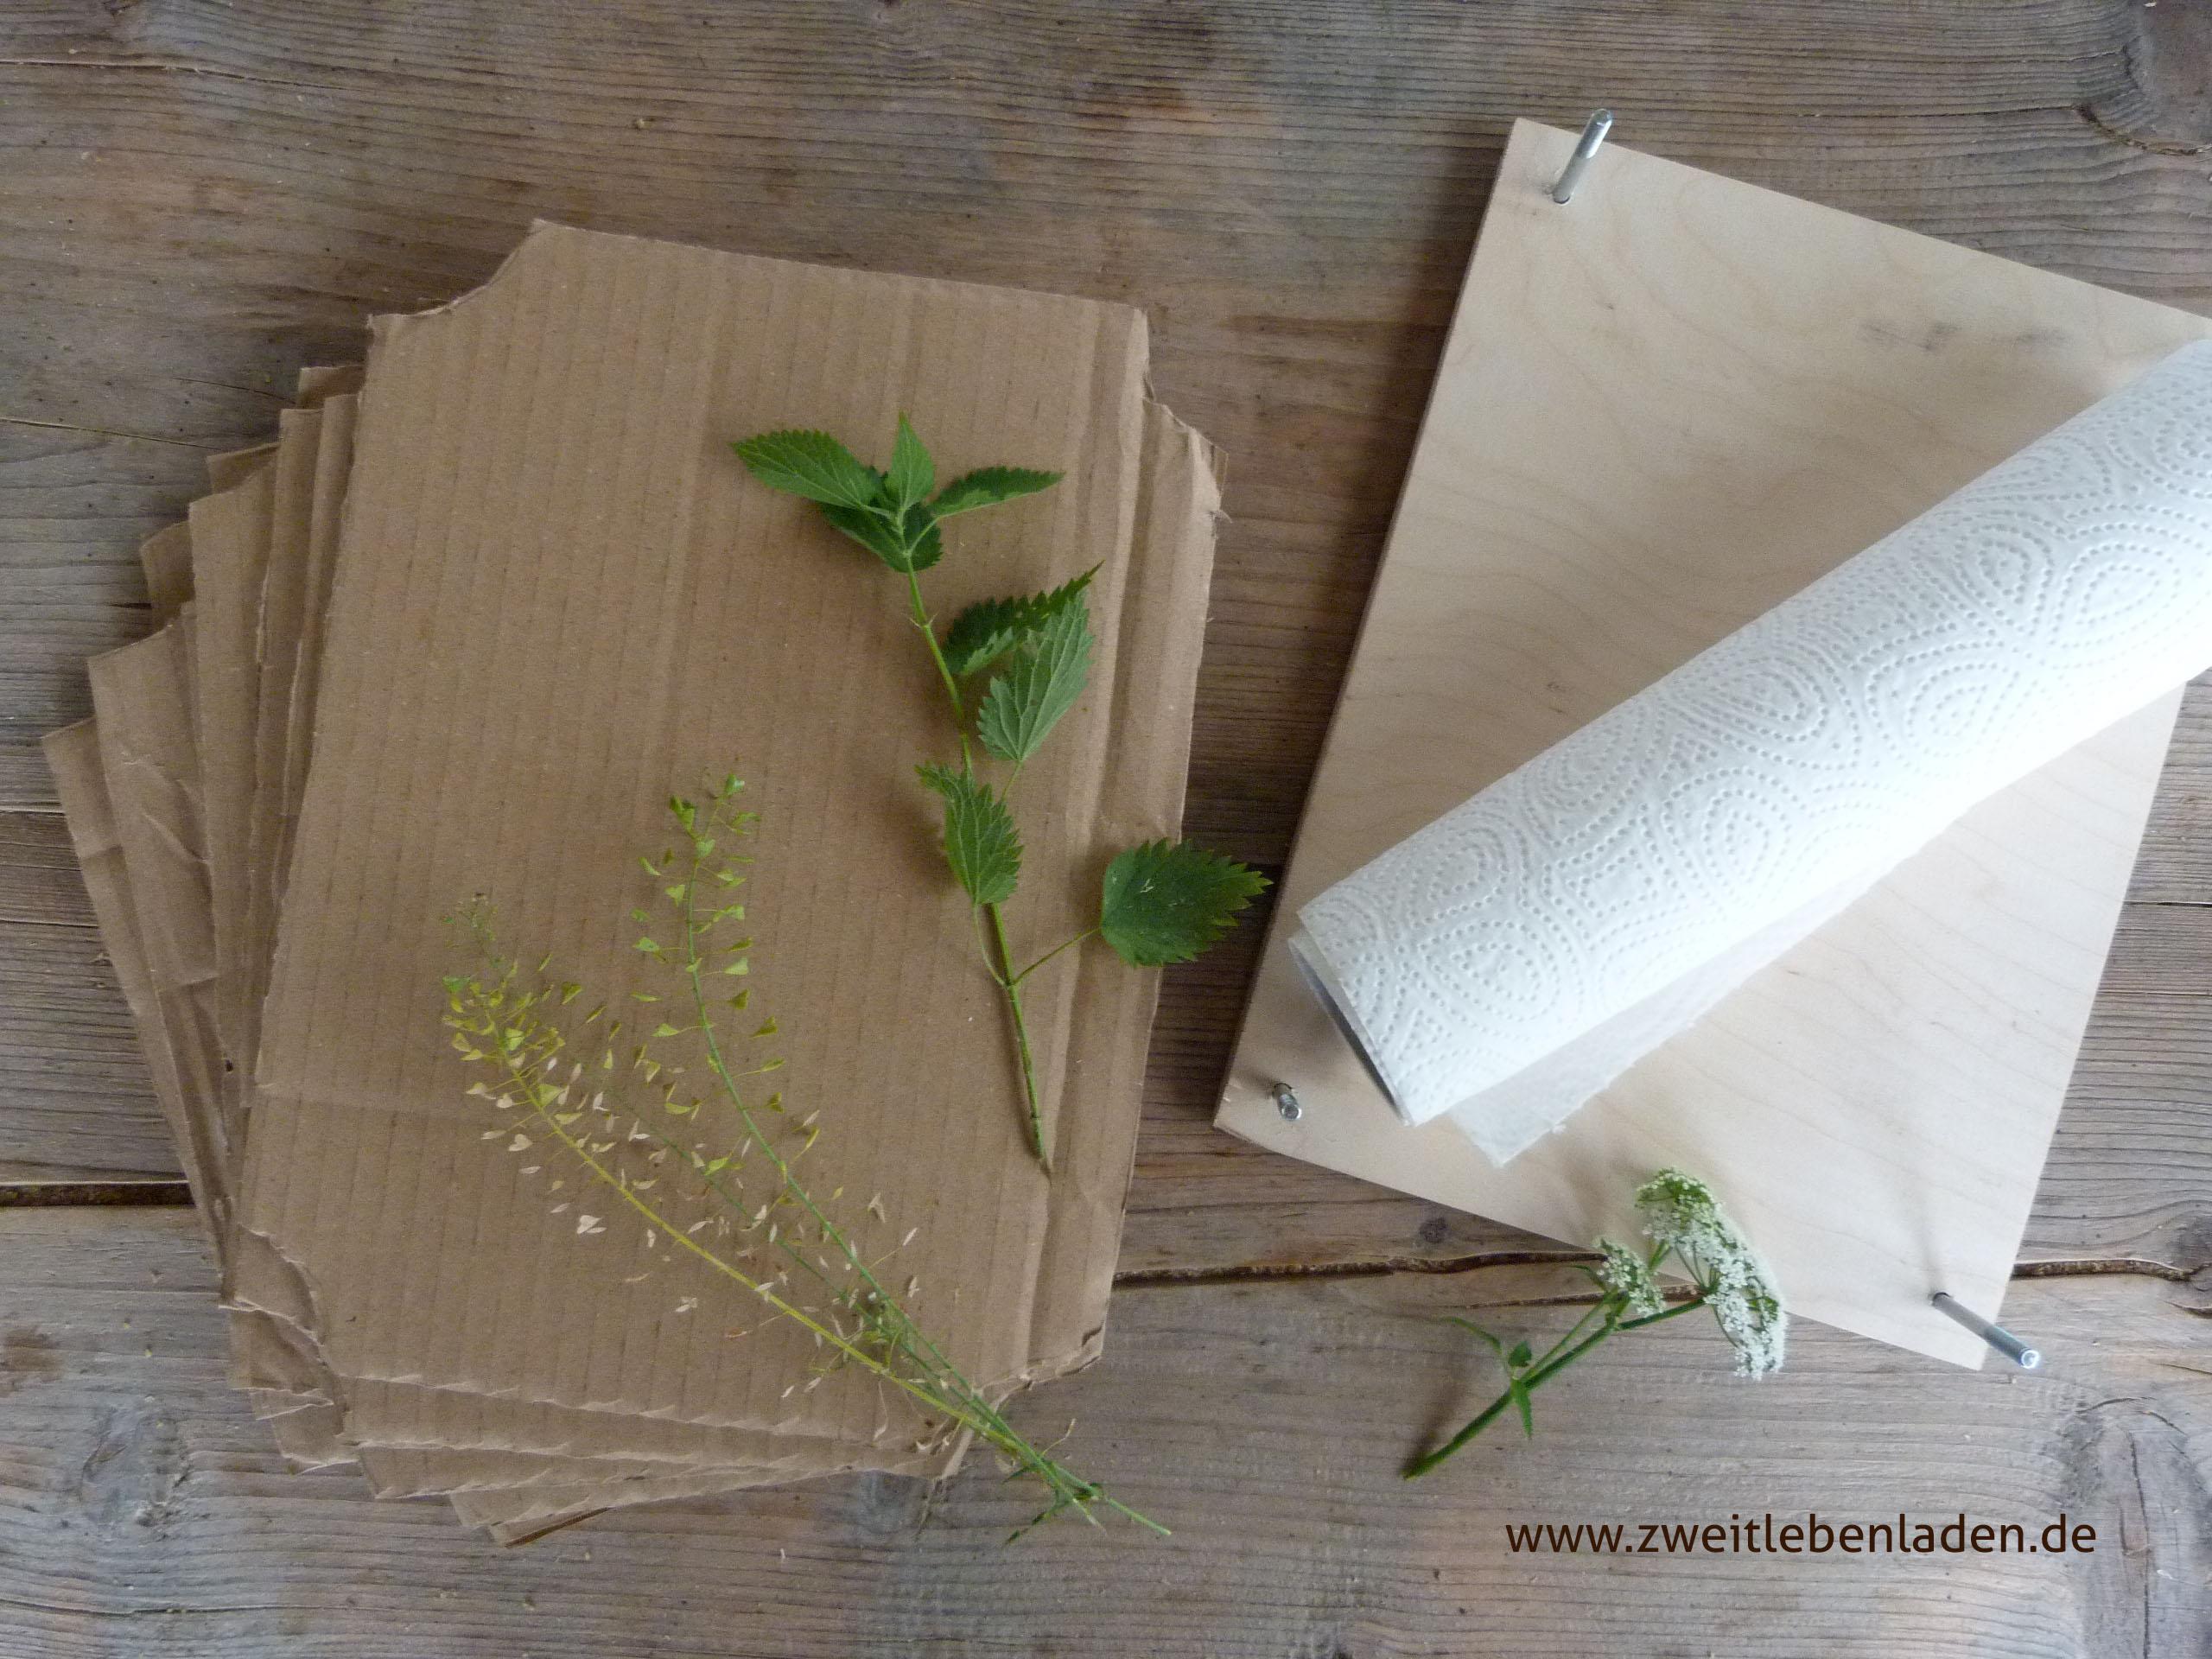 Herbarium - eine Pflanzenpresse bauen